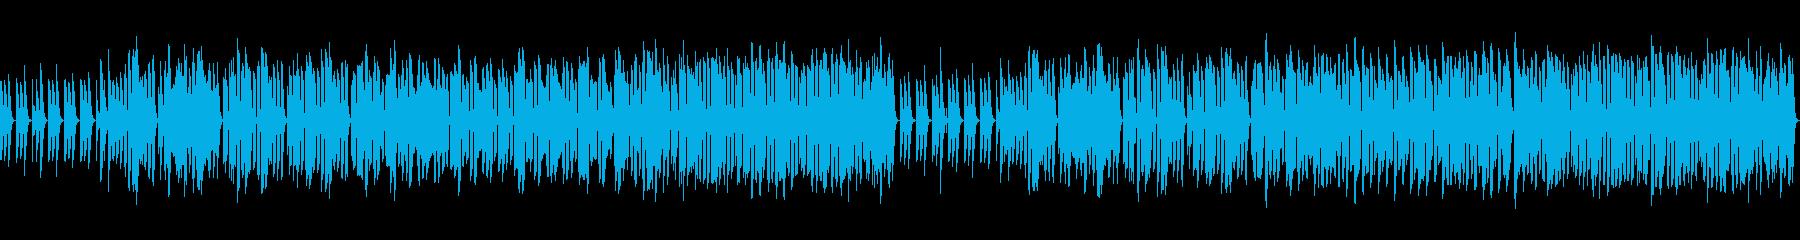 【ループ】ほのぼのリコーダー、木琴の再生済みの波形